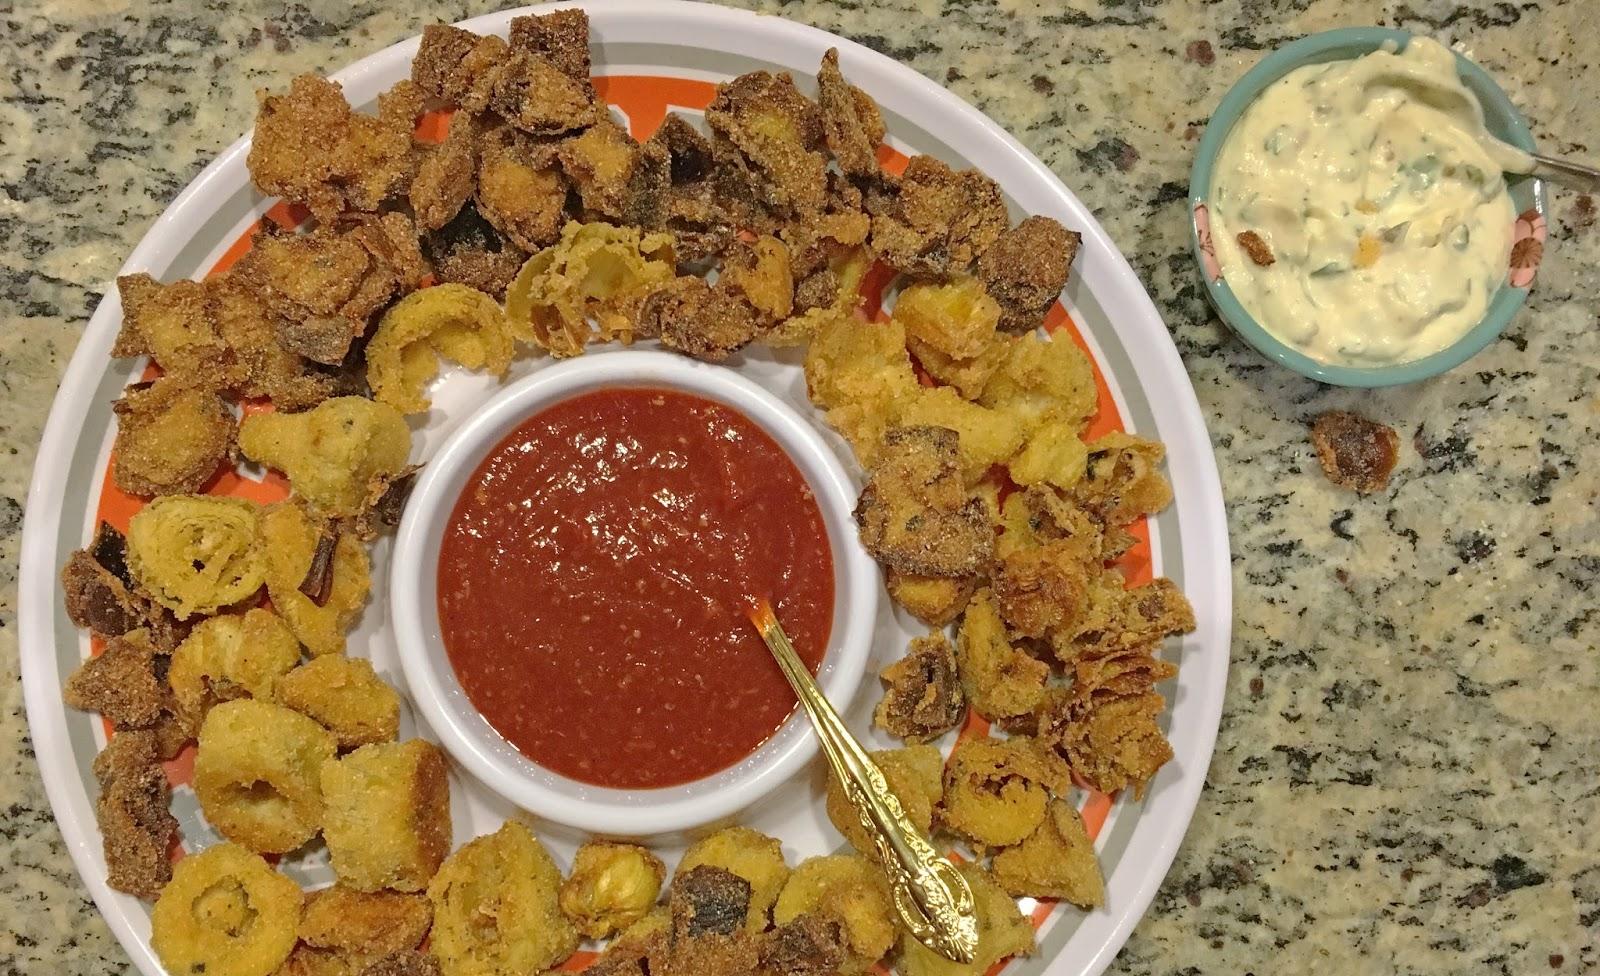 cooking vegan calamari in Fort Worth, Texas